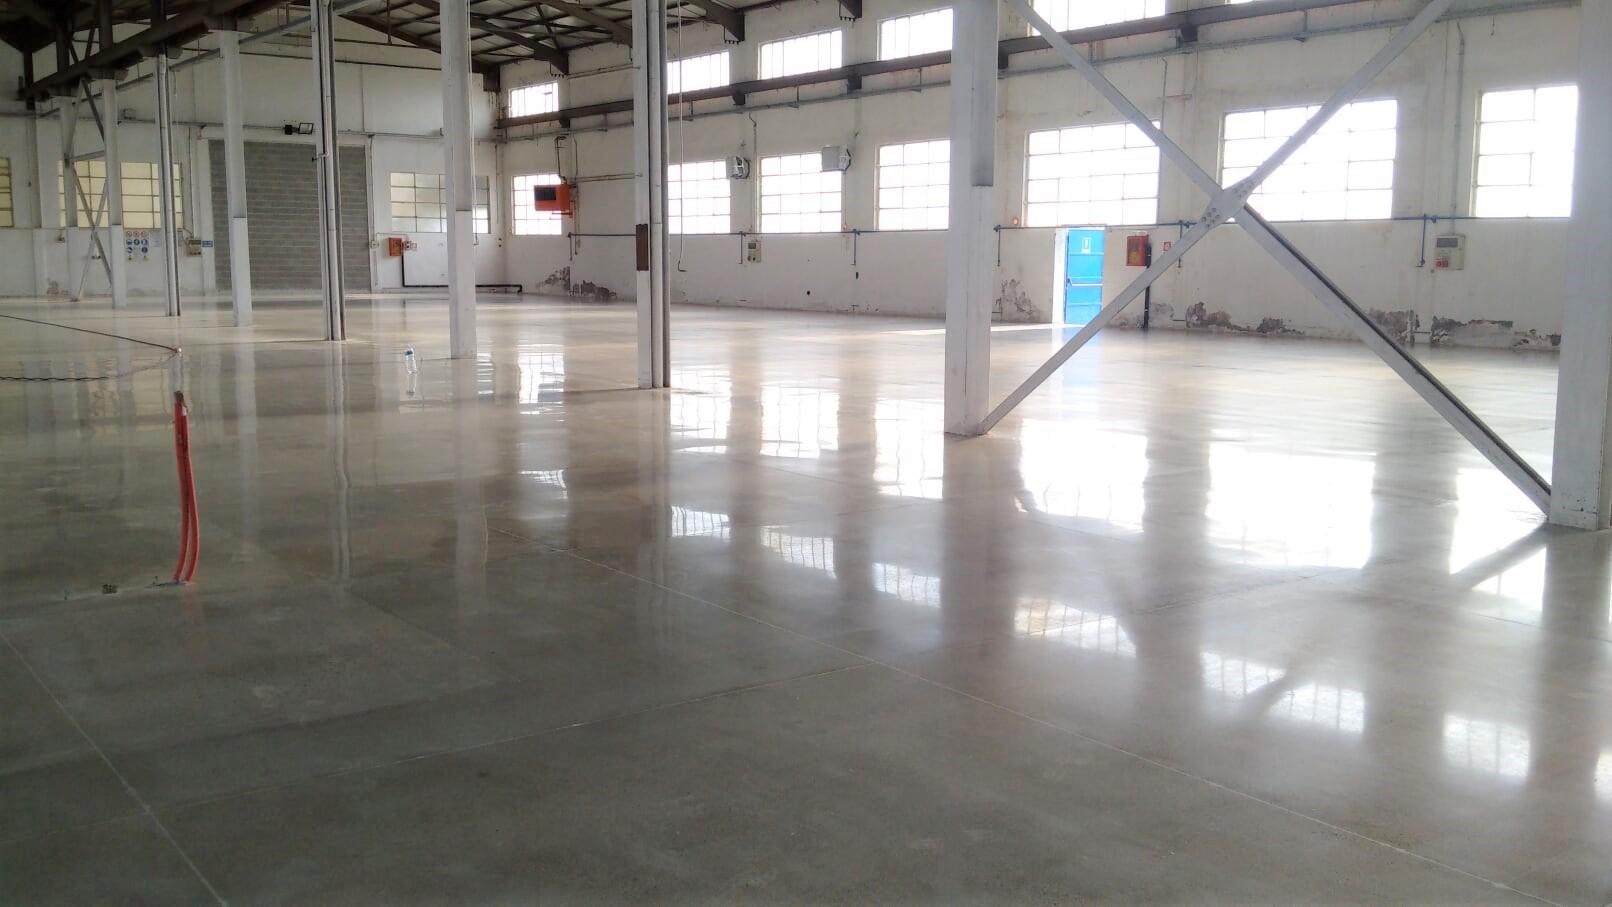 Pavimento In Cemento Prezzi quanto costa lucidare pavimento in cemento - cristallina